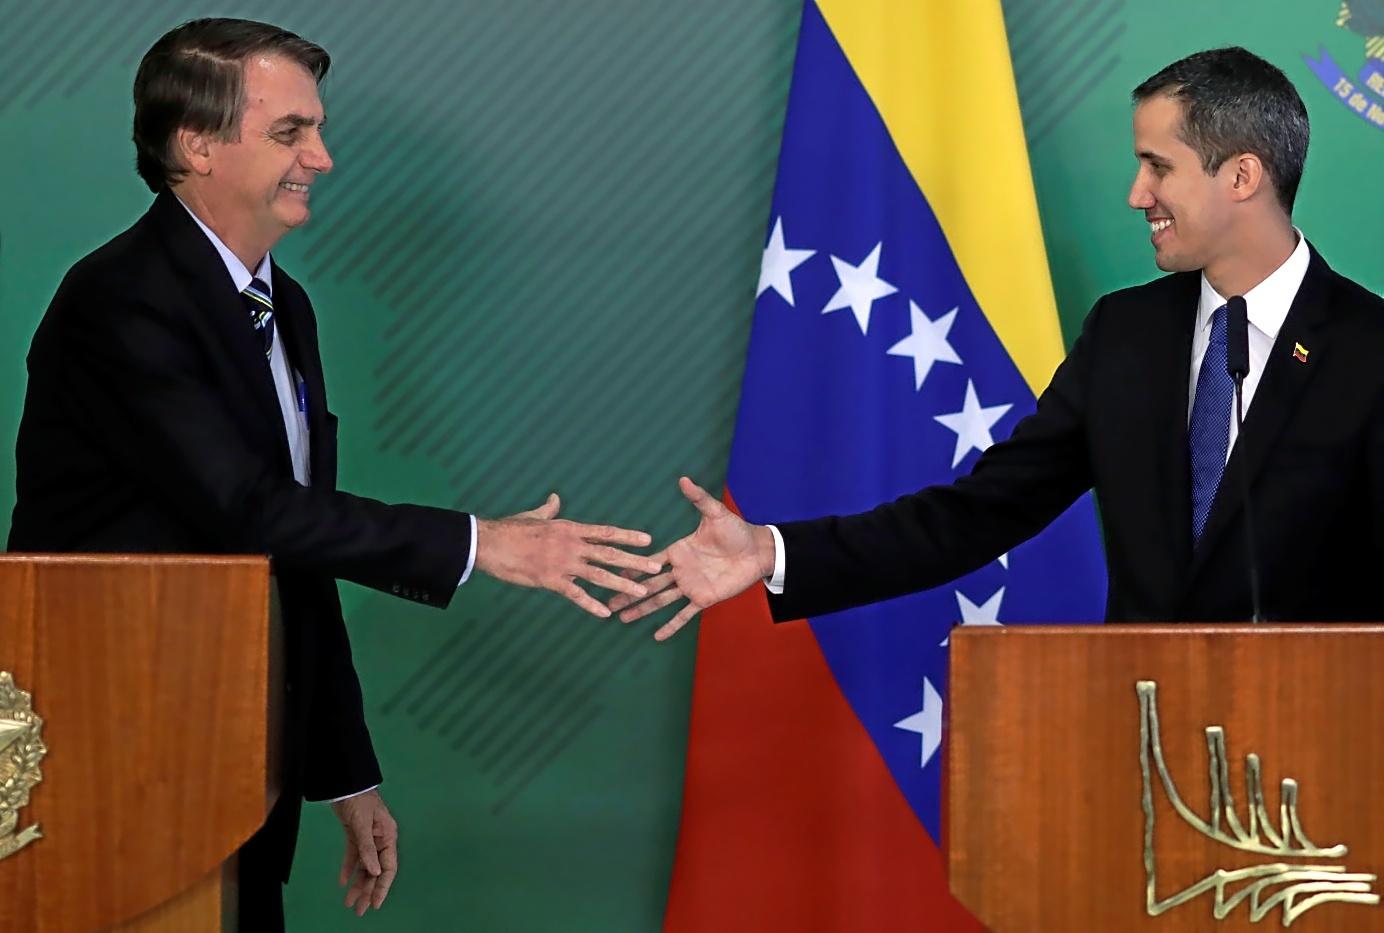 El presidente de Brasil, Jair Bolsonarao, recibe al presidente encargado de Venezuela, Juan Guaidó, este jueves en Brasilia.